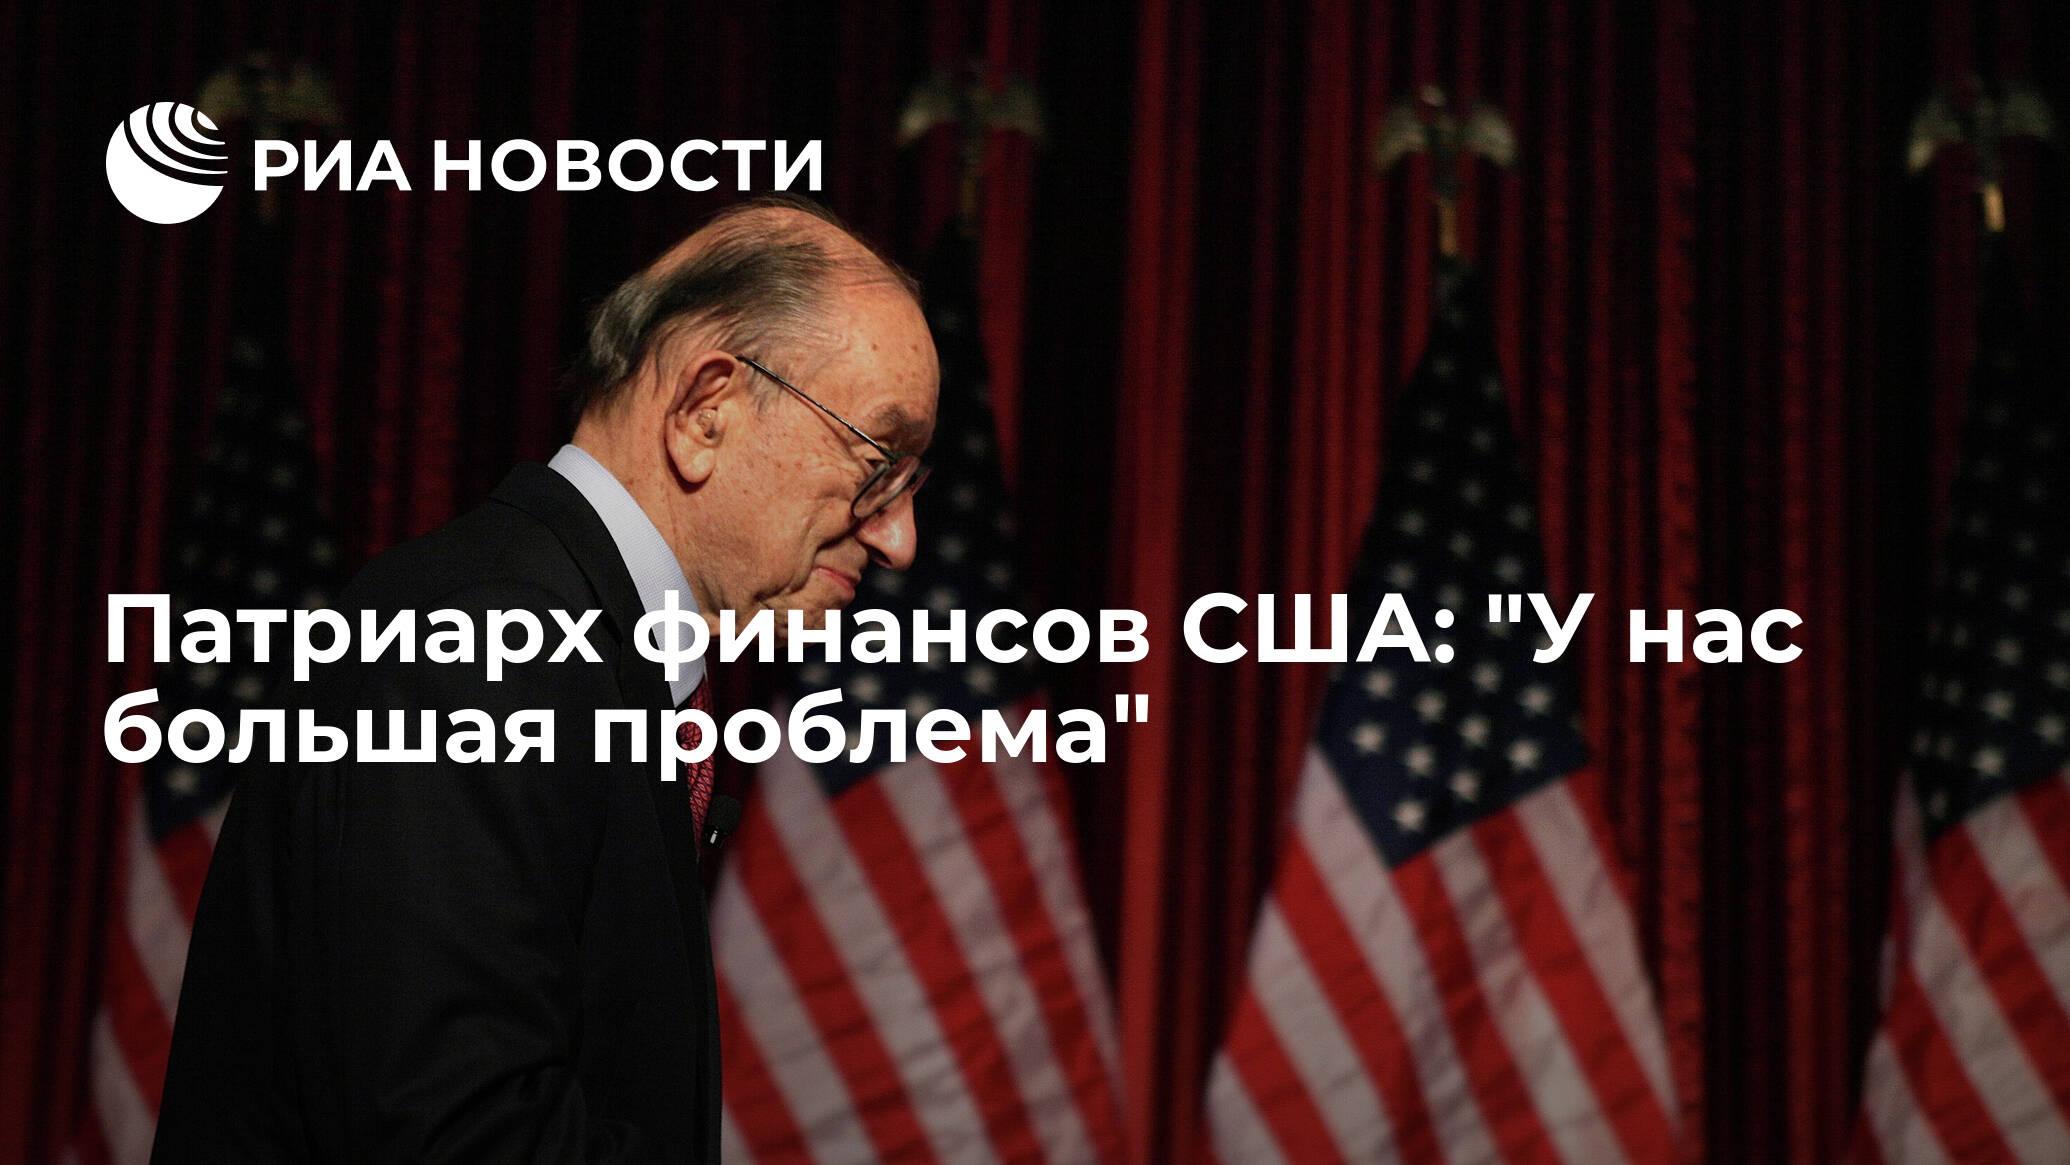 """Патриарх финансов США: """"У нас большая проблема"""" - РИА Новости, 16.09.2020"""